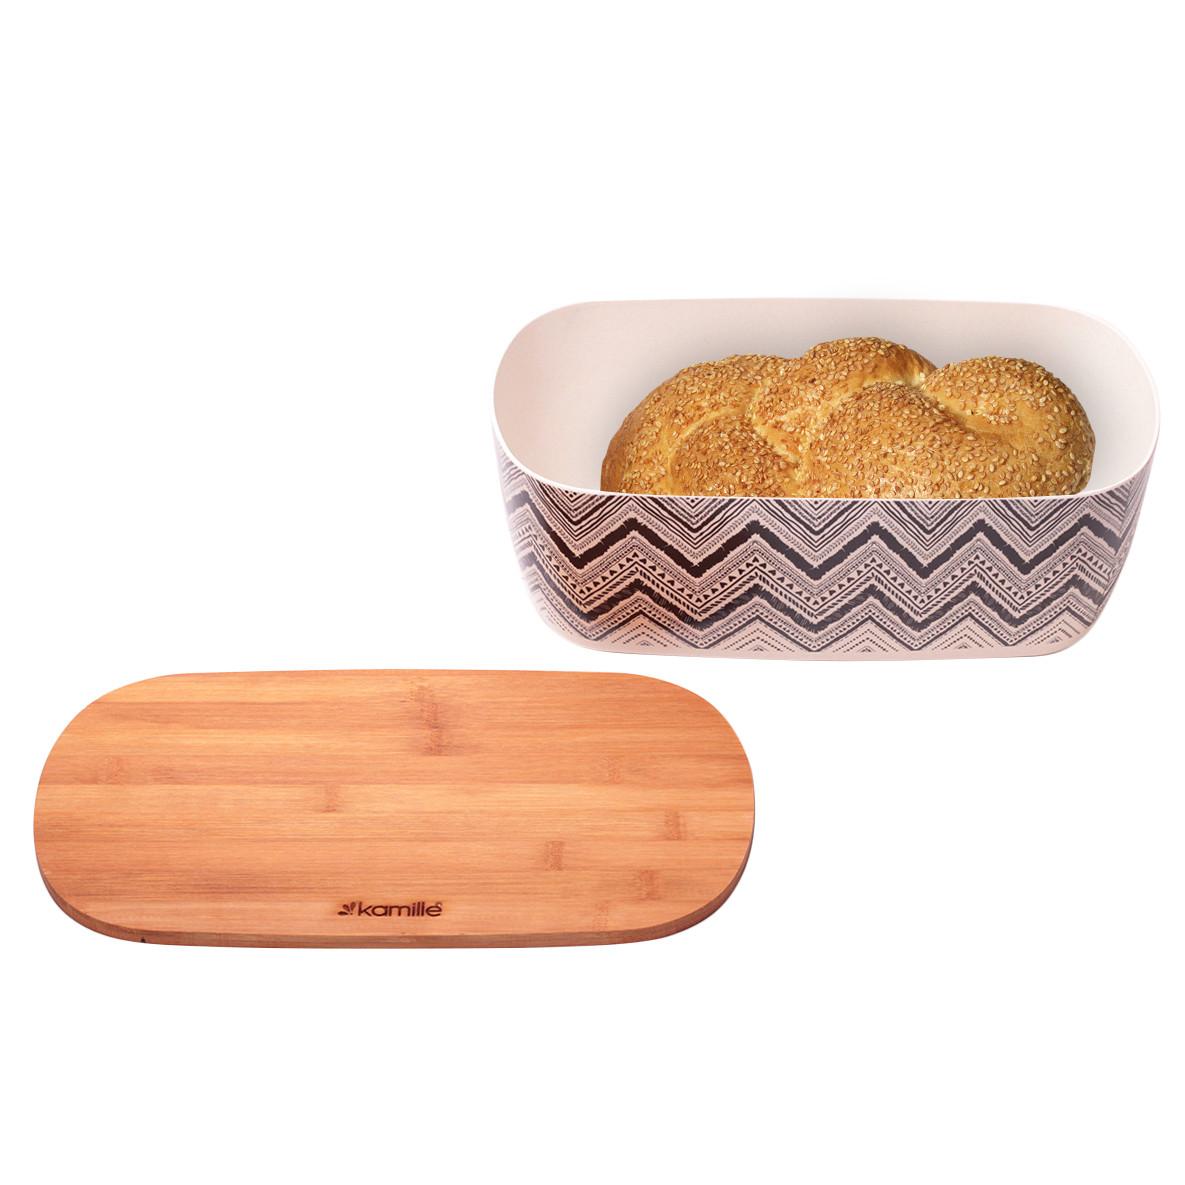 Хлебница Kamille 36*20.2*13.5см из бамбукового волокна с бамбуковой крышкой KM-1130